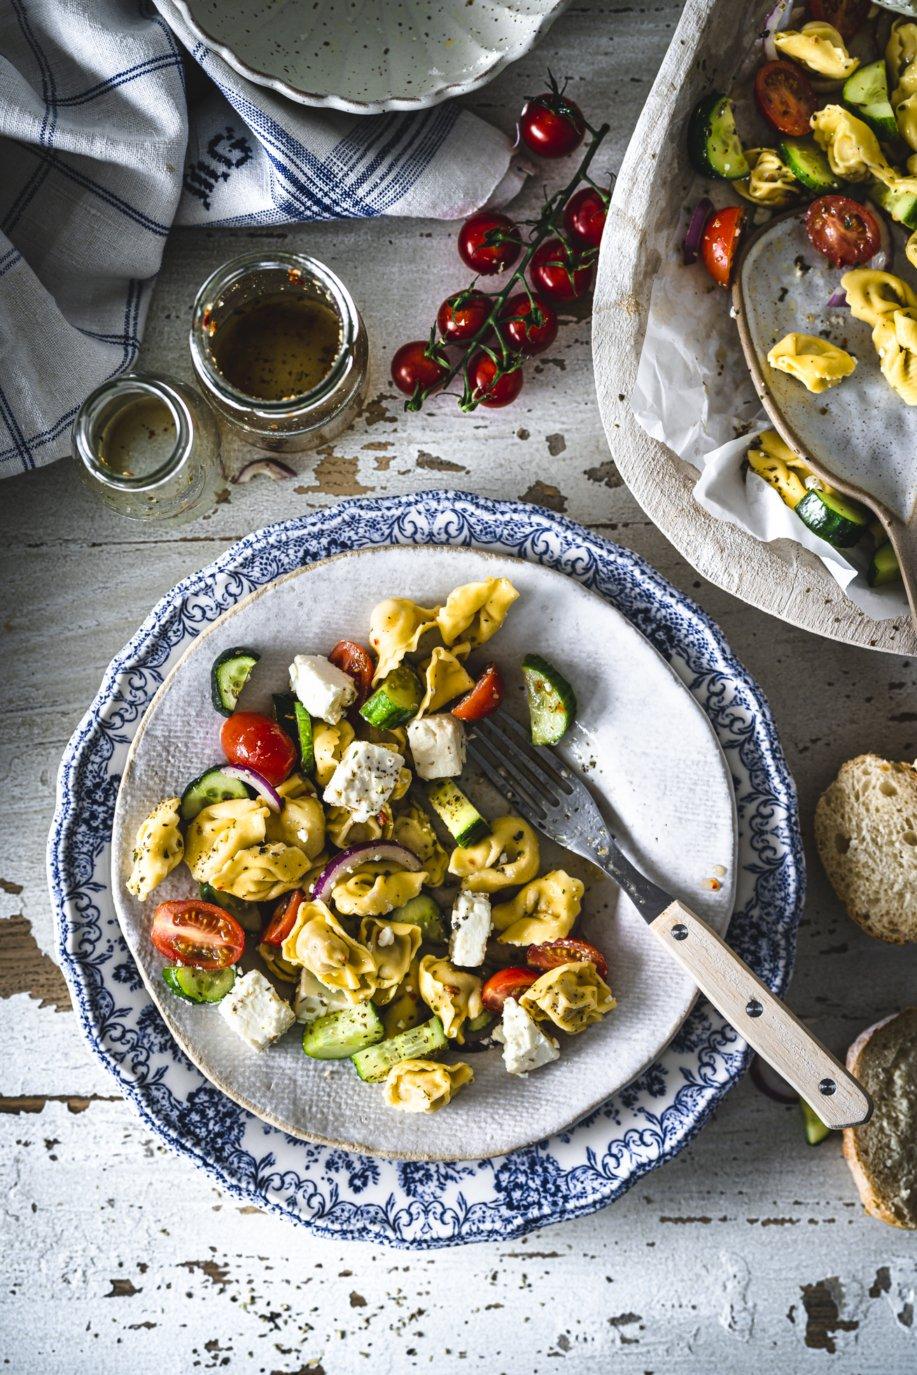 Tortellinisalat mit Feta